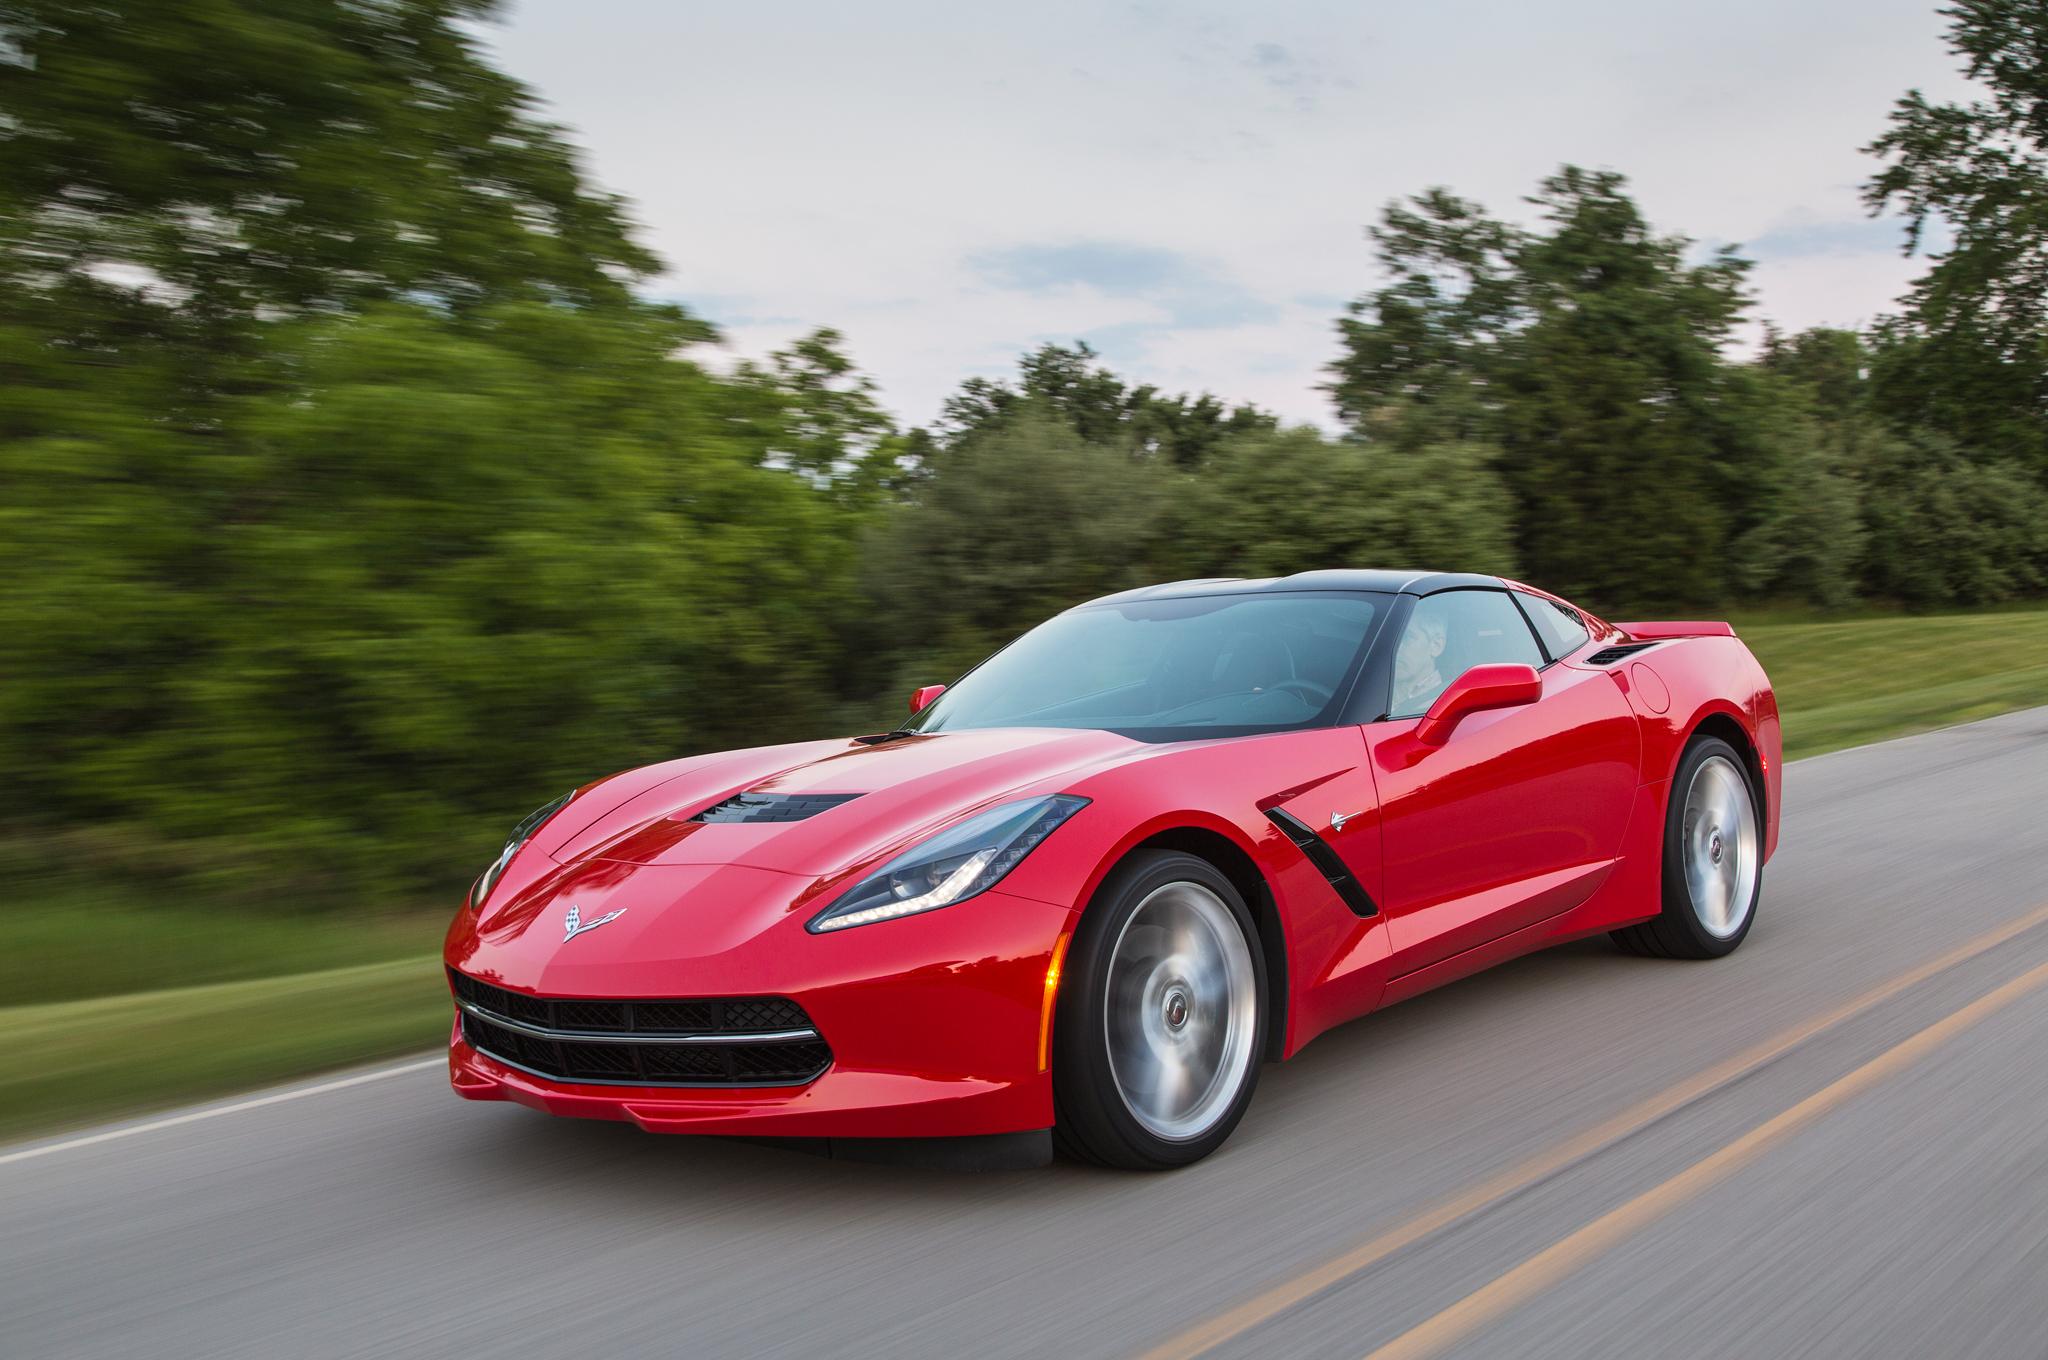 Fastest Corvette Models - Corvette Stingray Z51